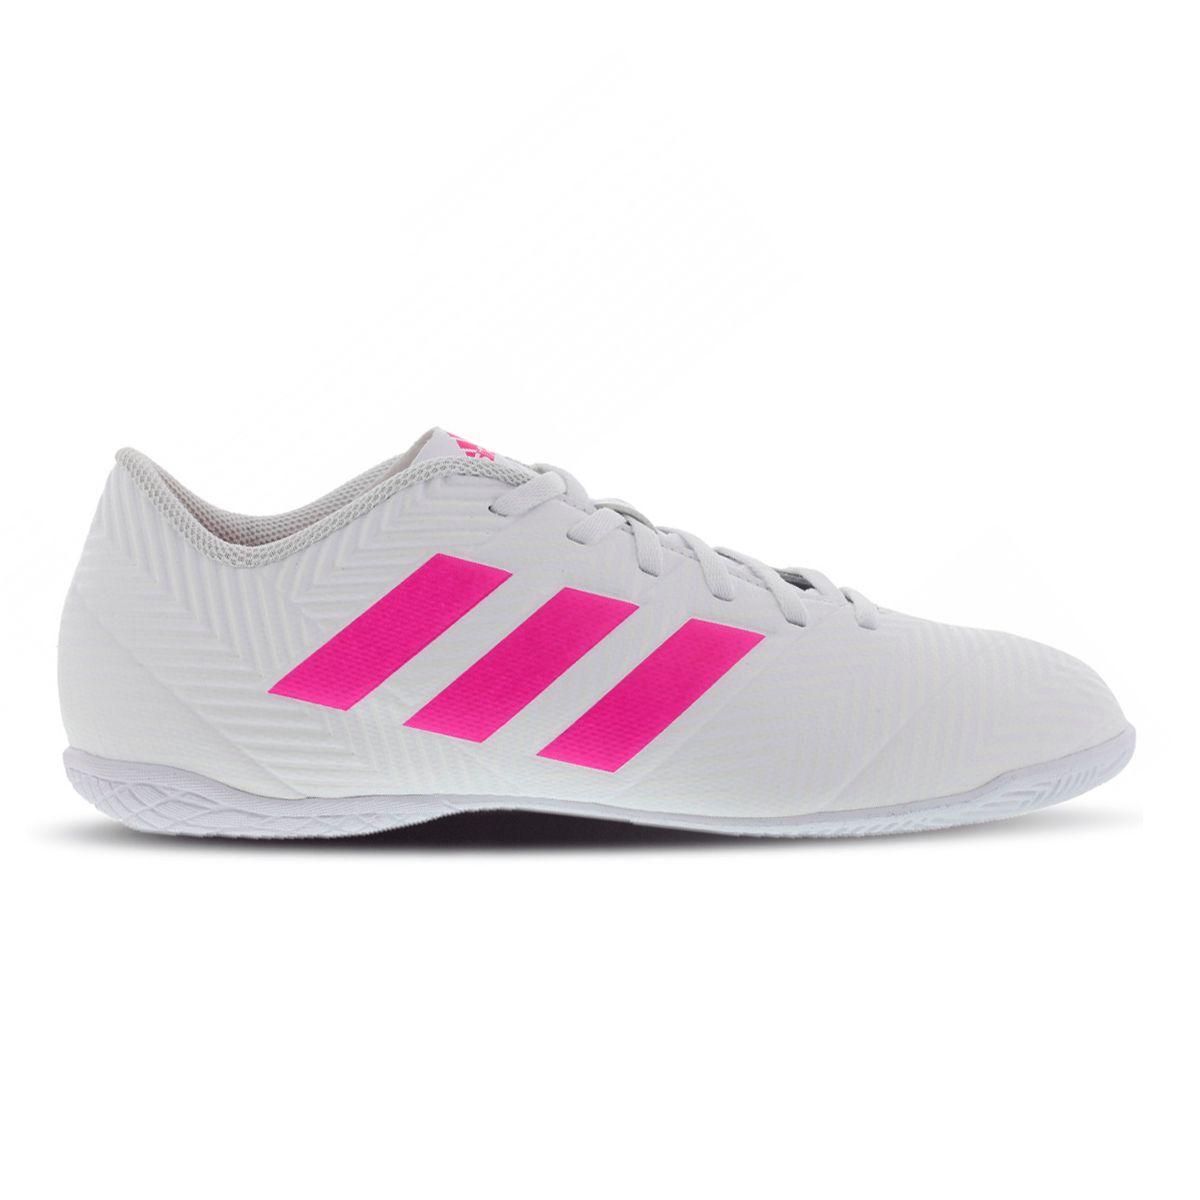 87c963631a Chuteira Futsal Adidas Artilheira III